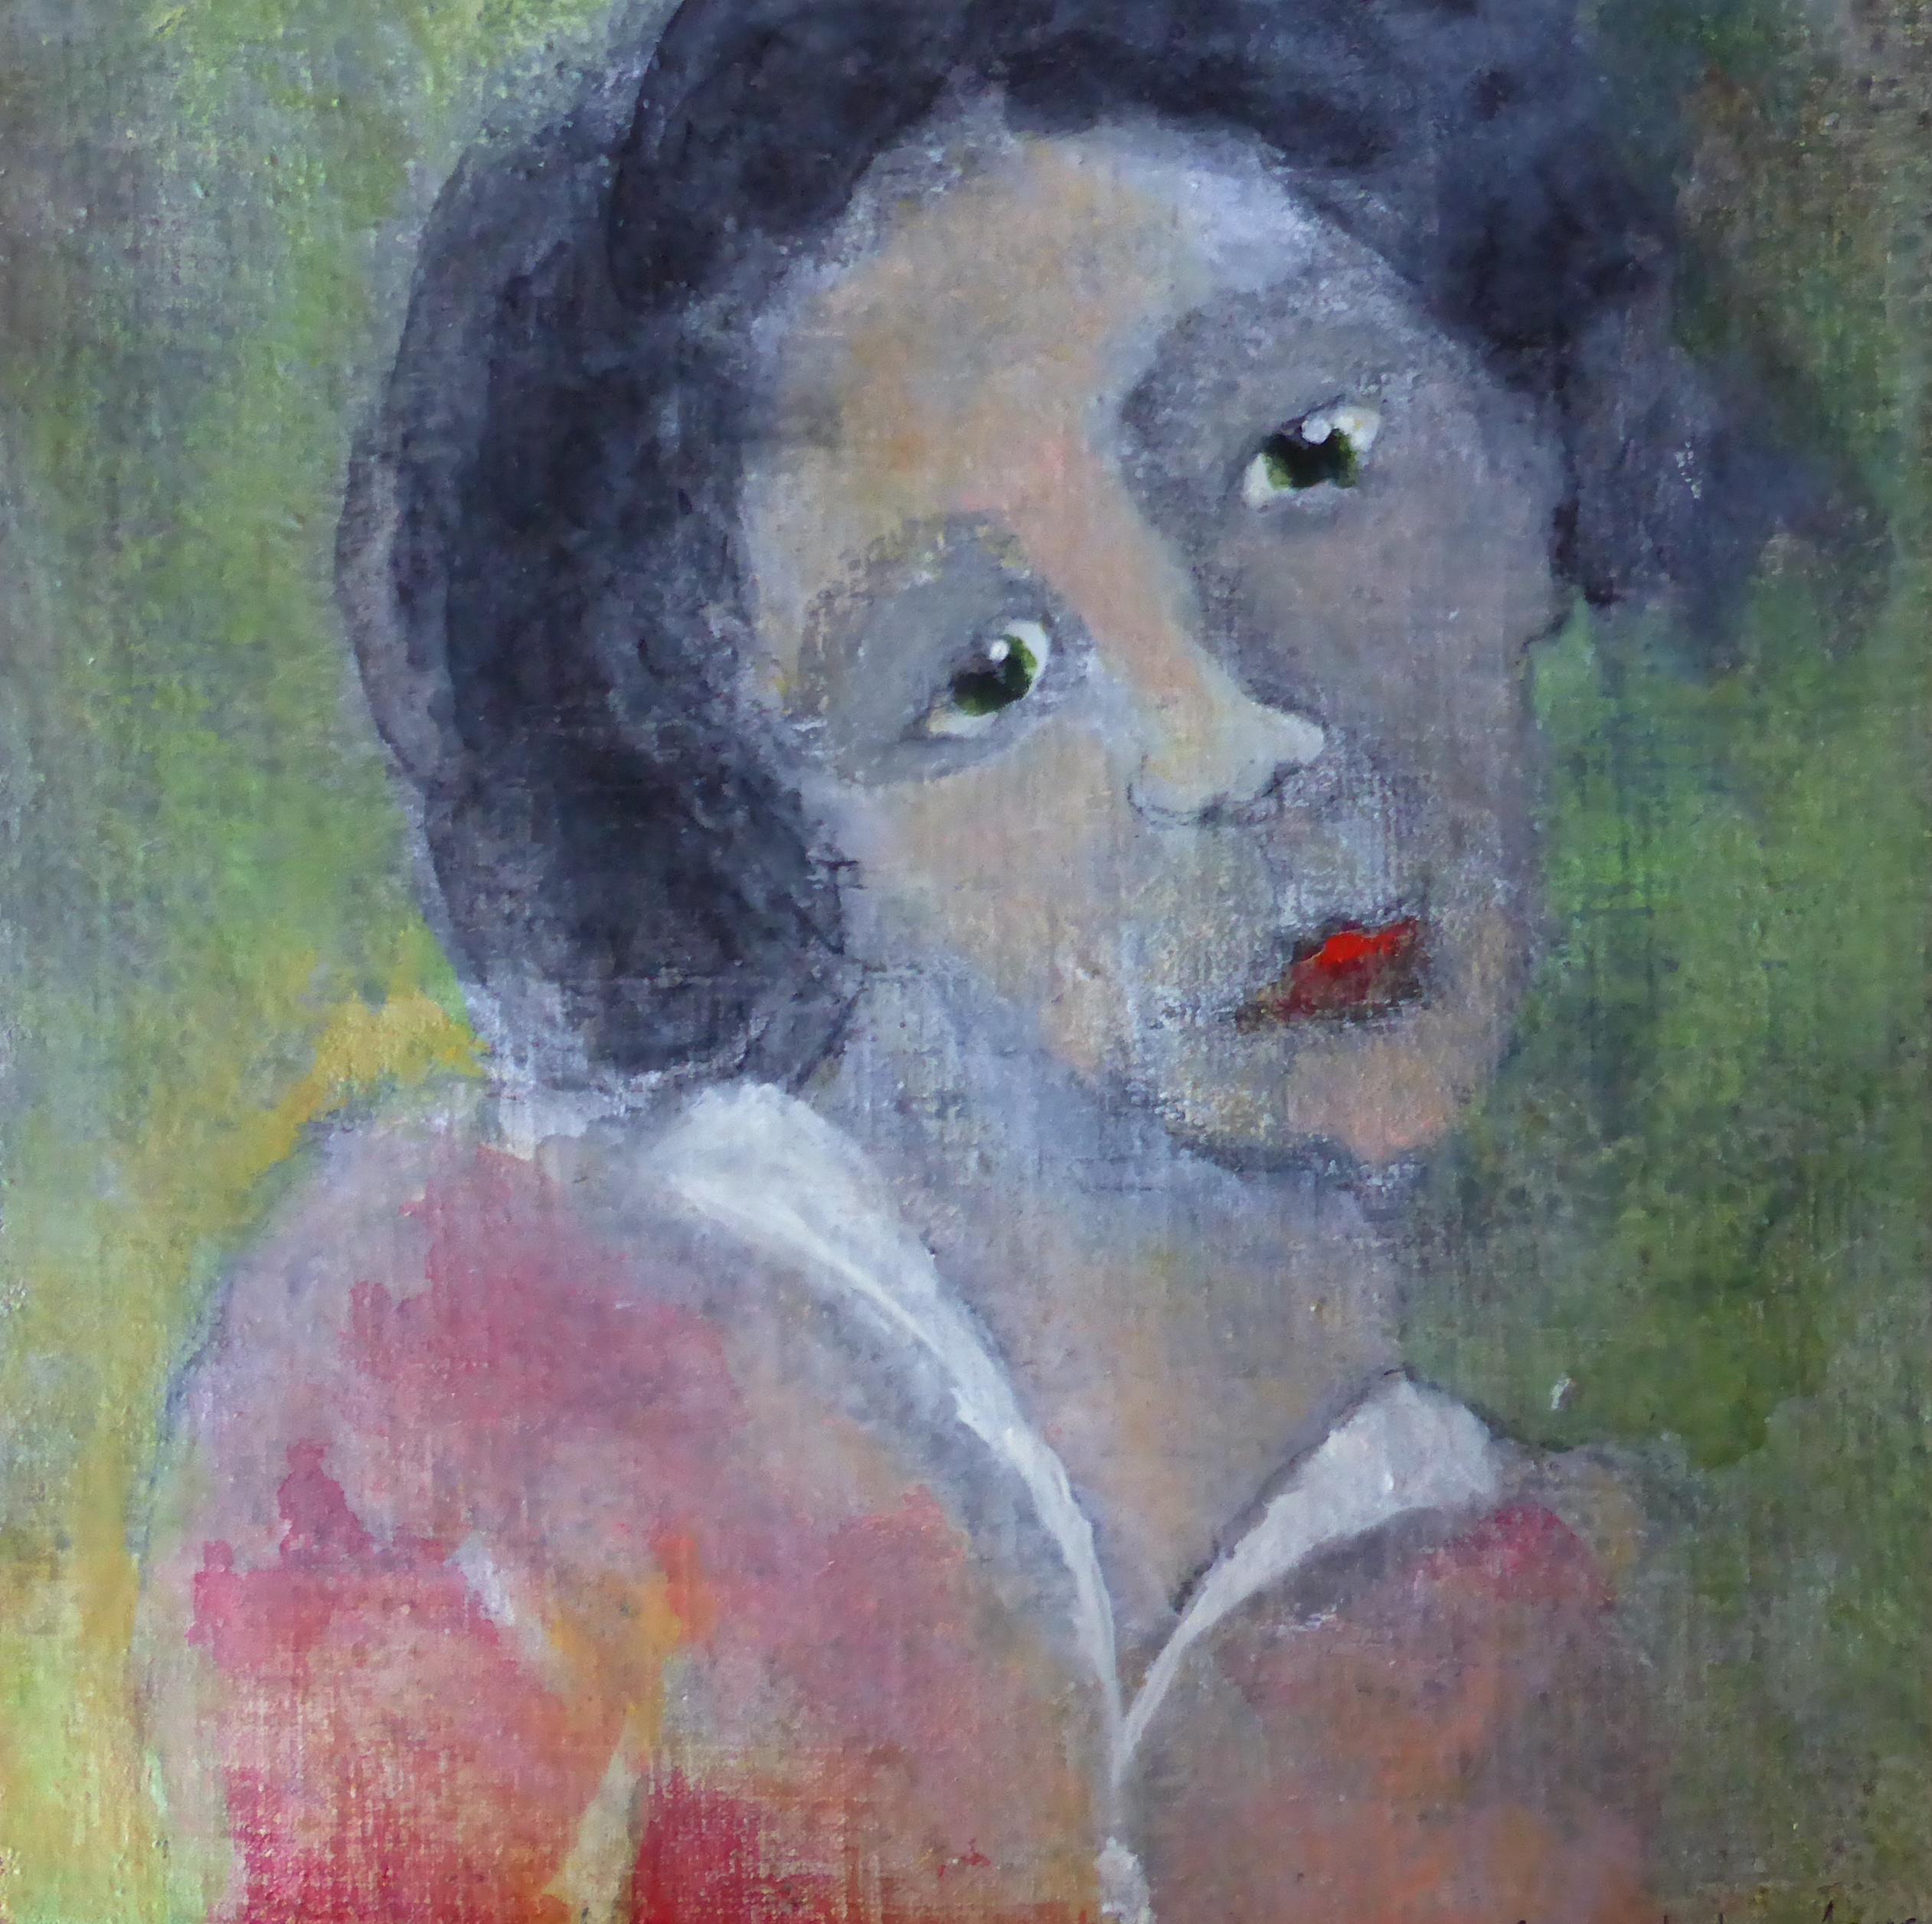 Portret 8 * Acryl, was en olie op linnen | 25x25